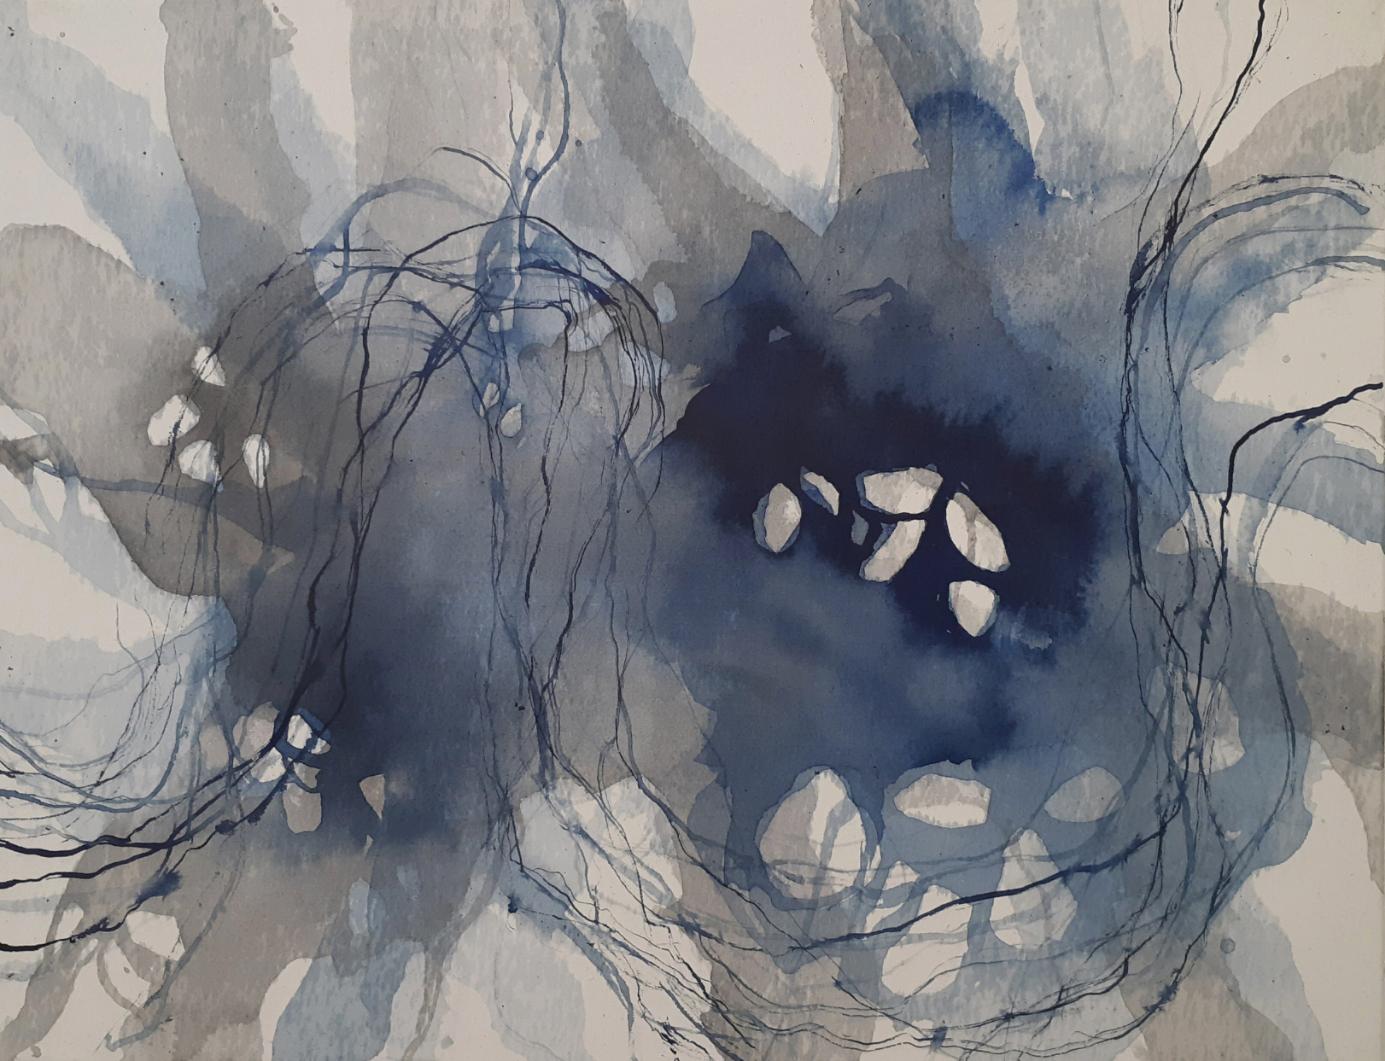 Serie 'Traces' 2020 - Blaue Tusche auf Baumwollstoff / blue ink on canvas  - 90 x 70cm